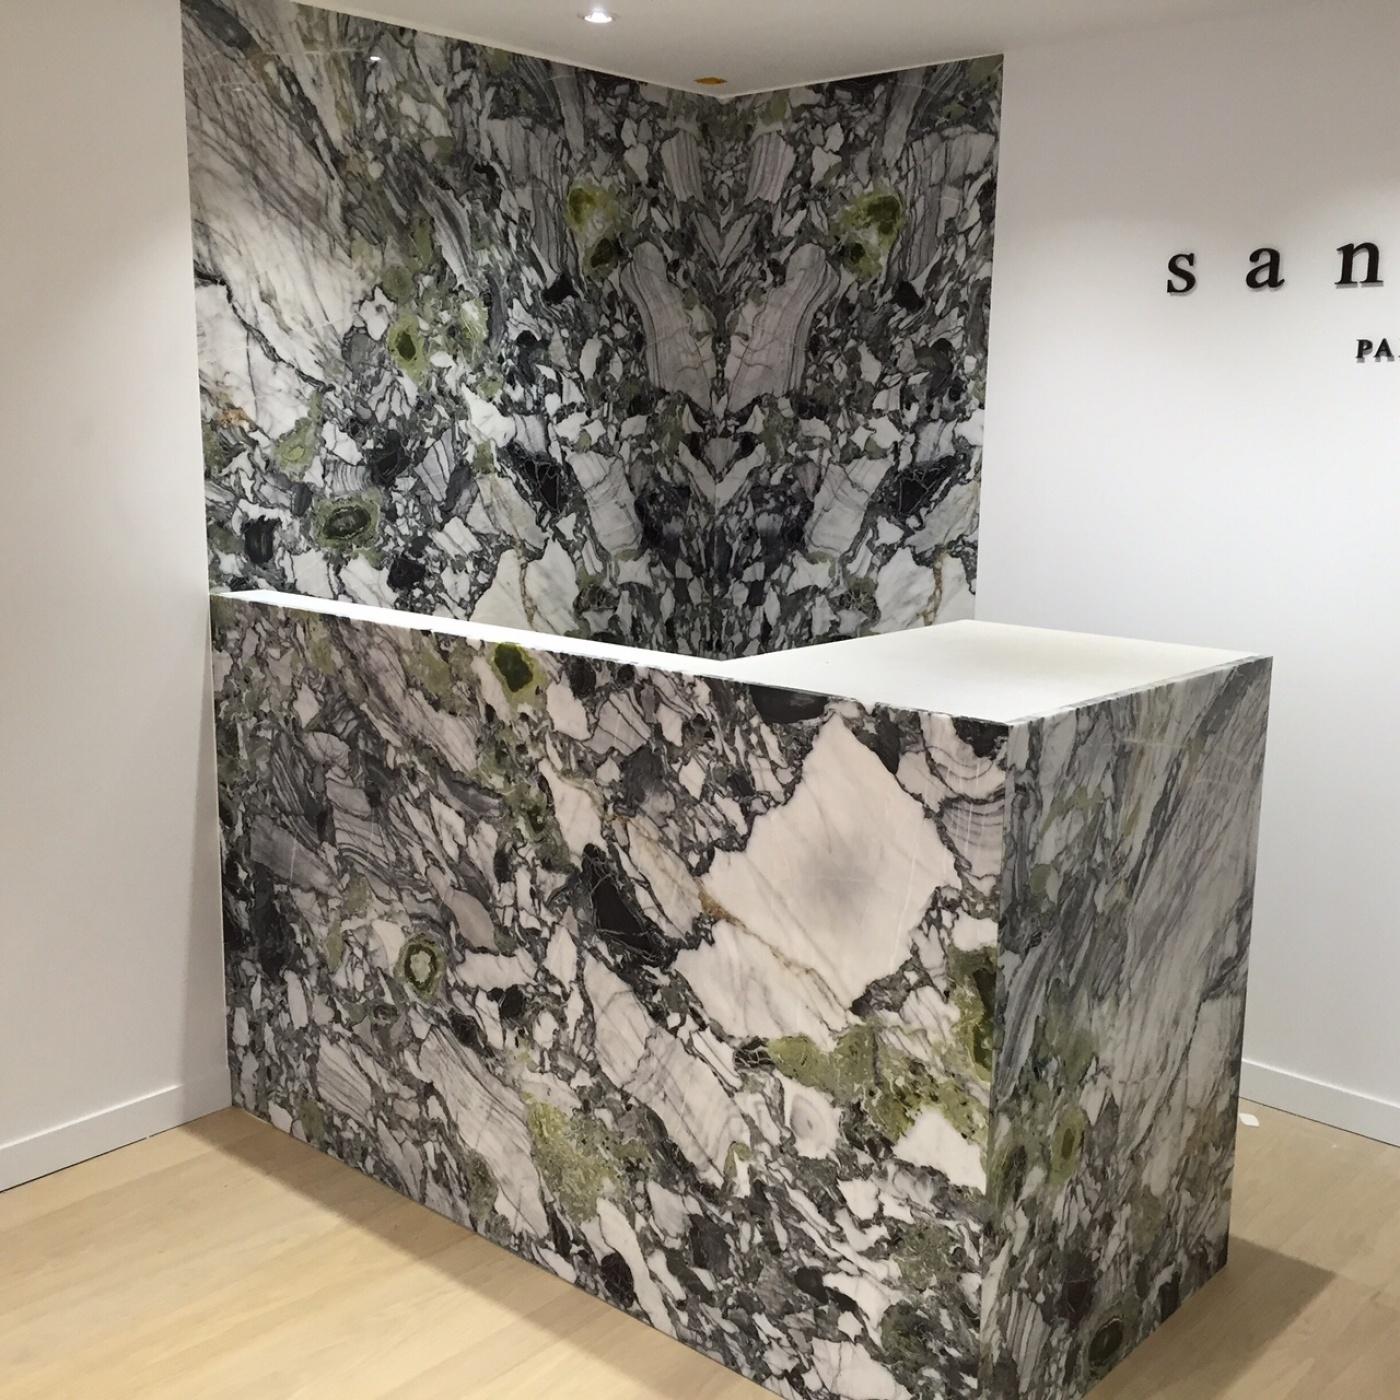 Habillage meuble caisse et mur. Fourniture façonnage et pose pour les Magasins Sandro (Groupe SMCP). Chantier à  Toulon